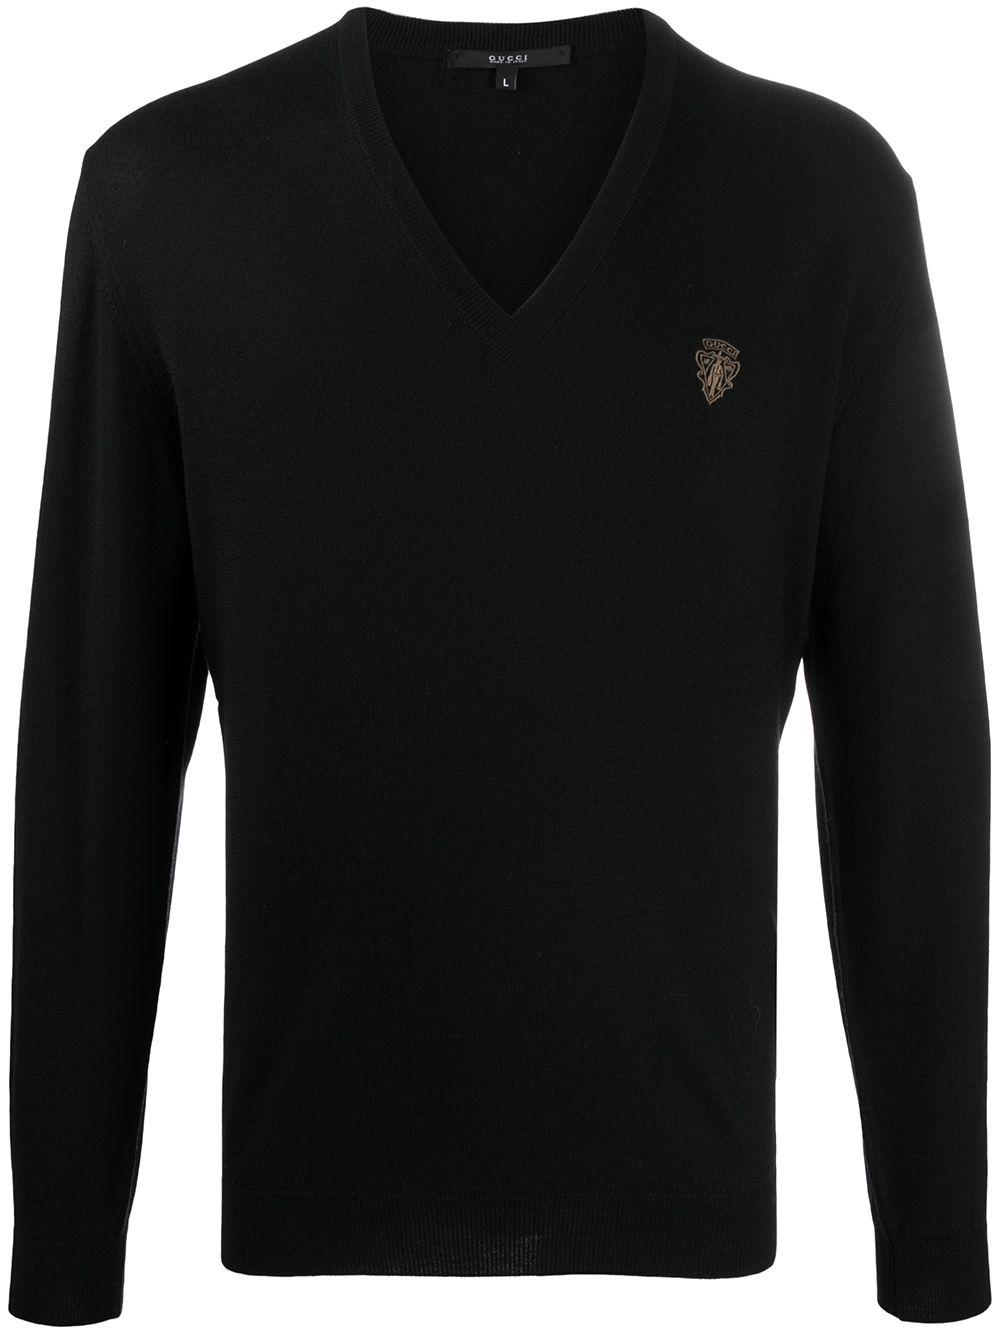 Gucci Sweatshirt mit Logo-Patch - Schwarz